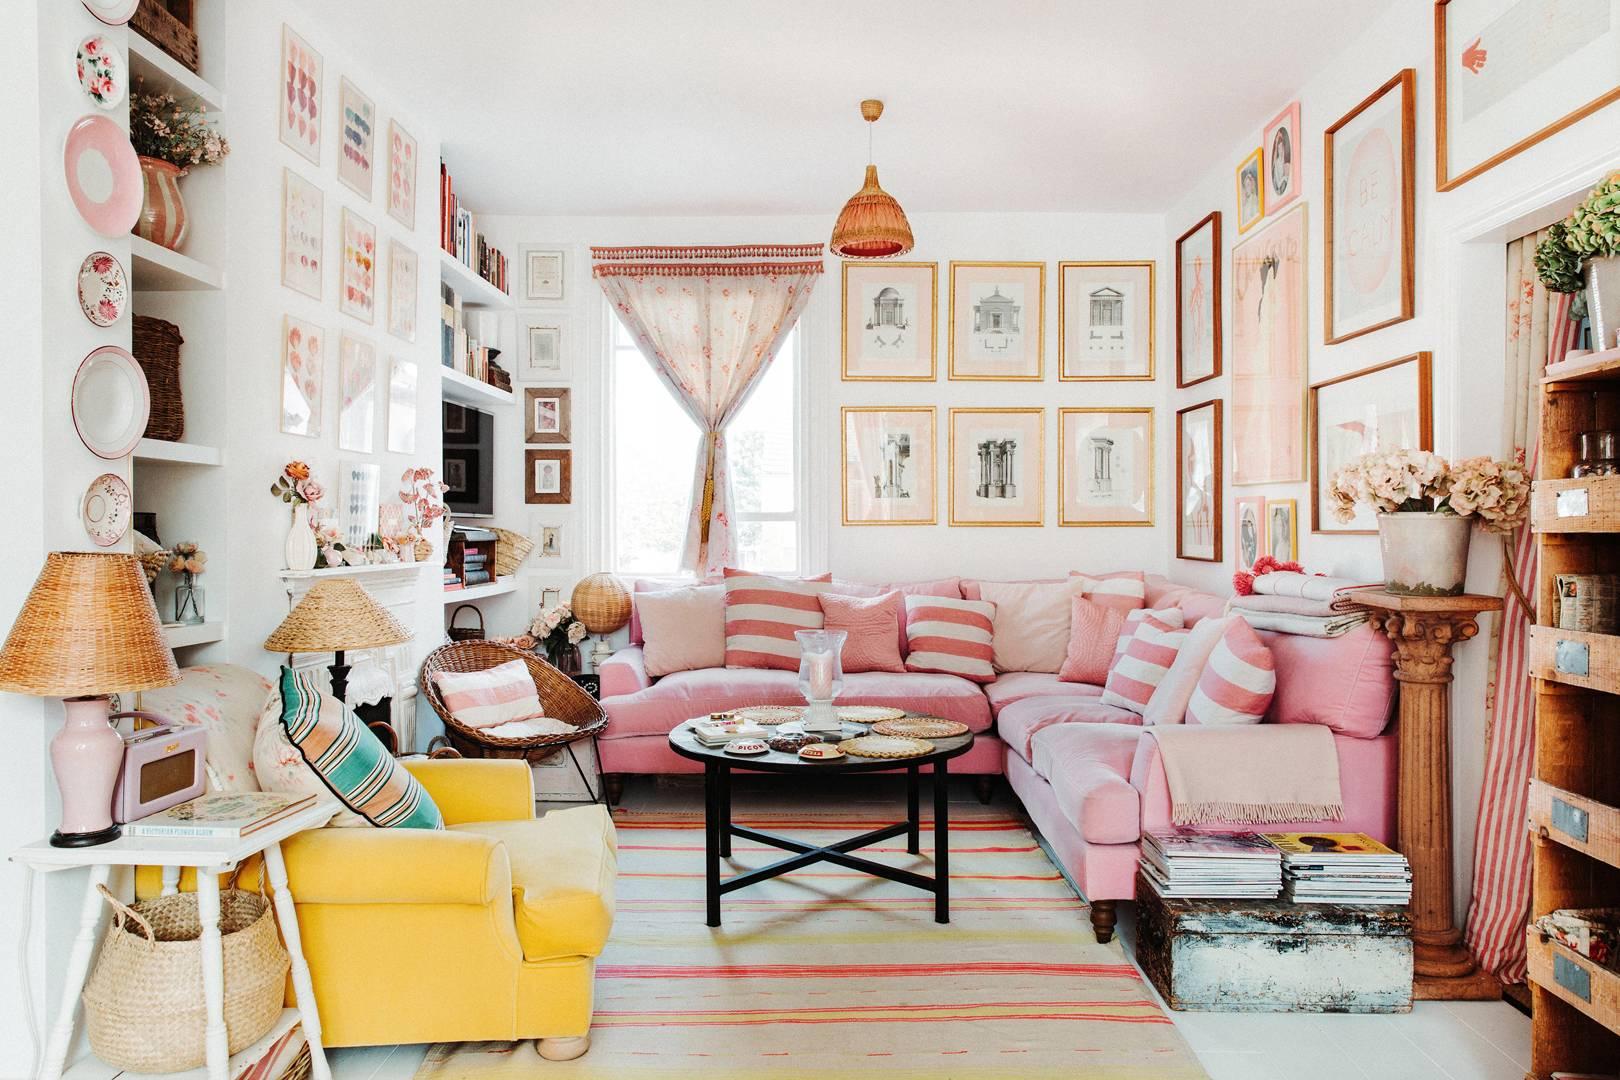 salon féminin rose et jaune | visite de la maison éclectique romantique de dent violette